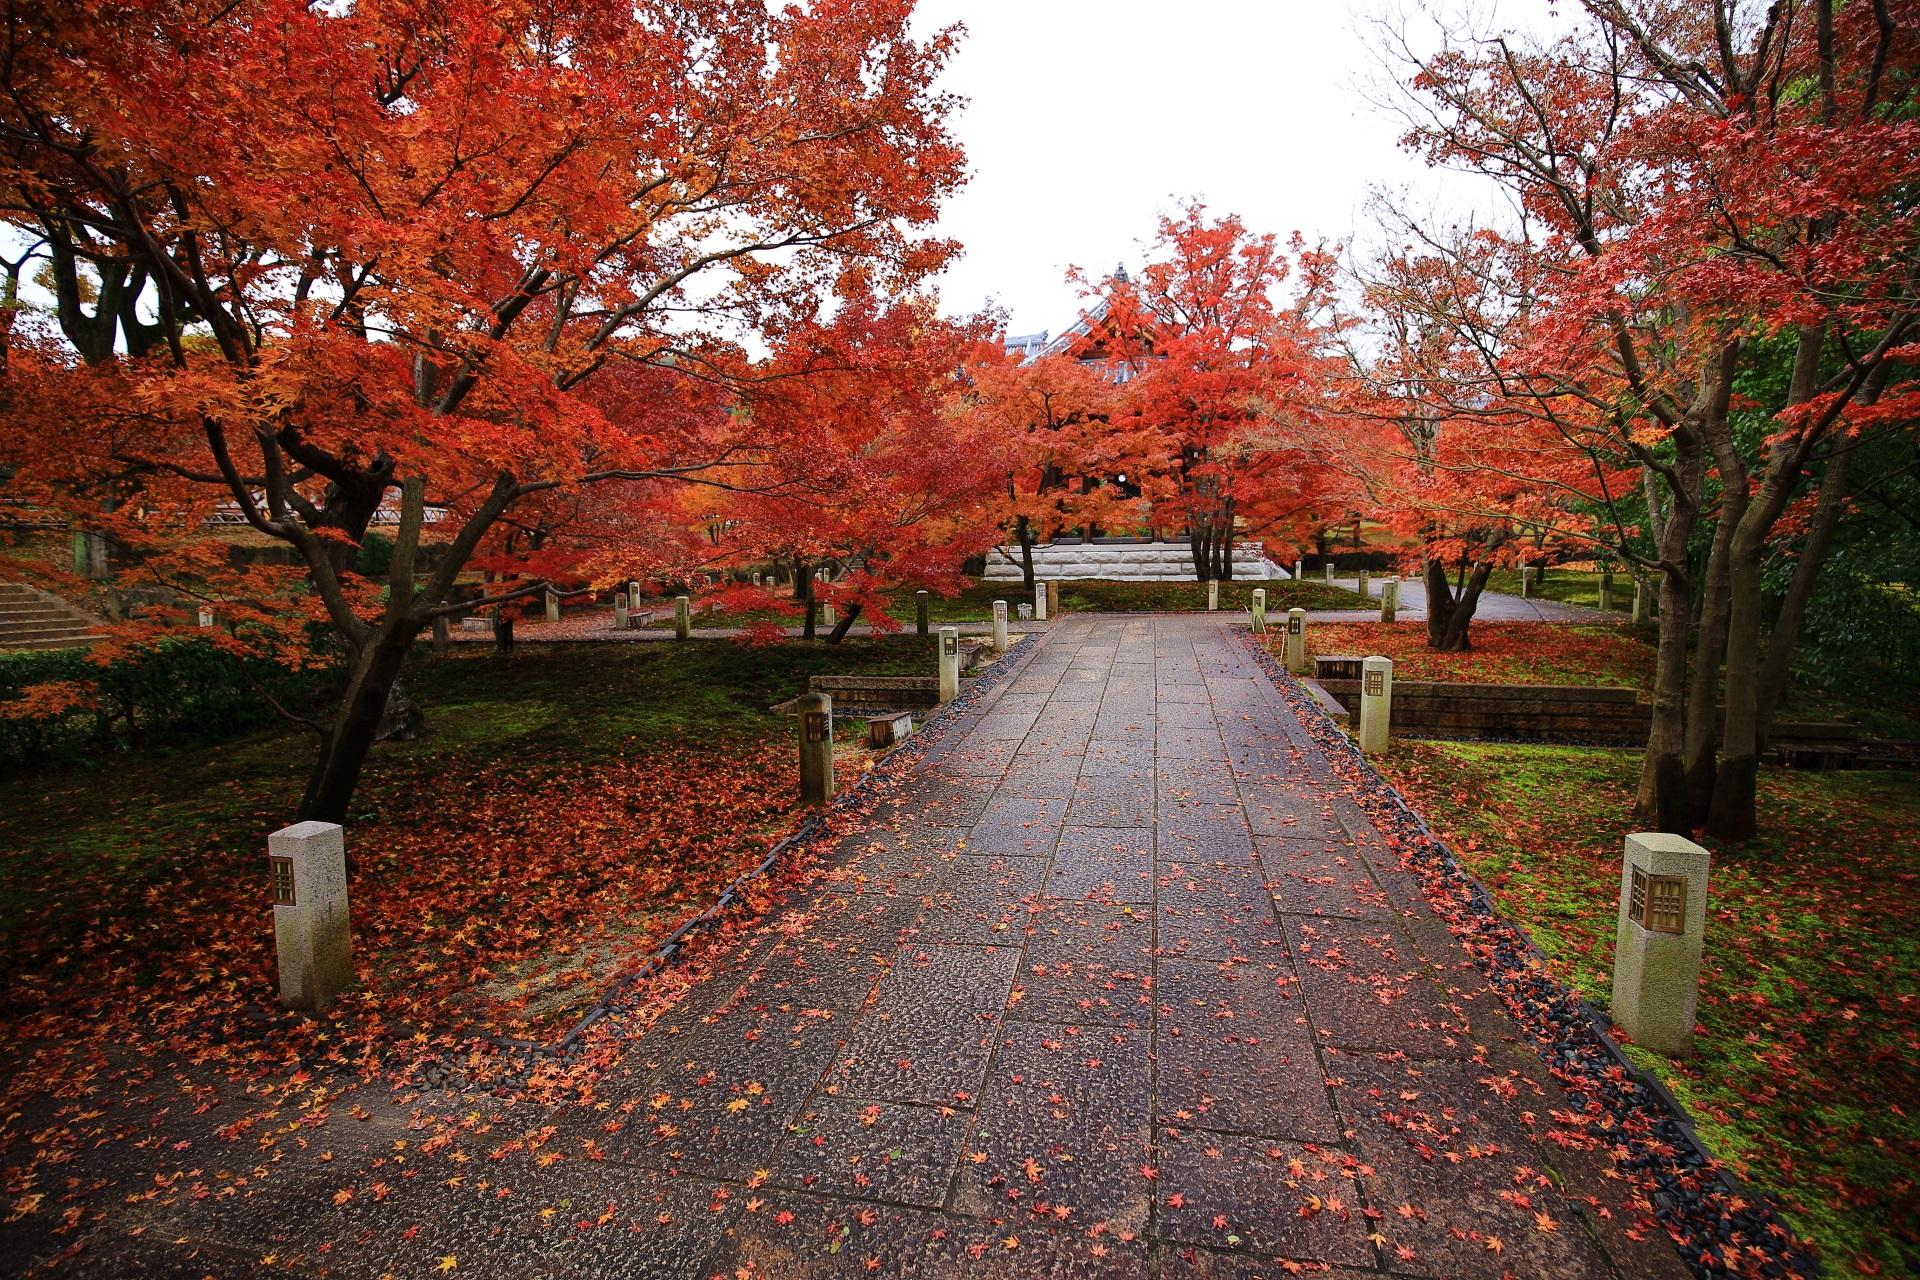 智積院の雨上がりの鐘楼をつつむ紅葉と散り紅葉